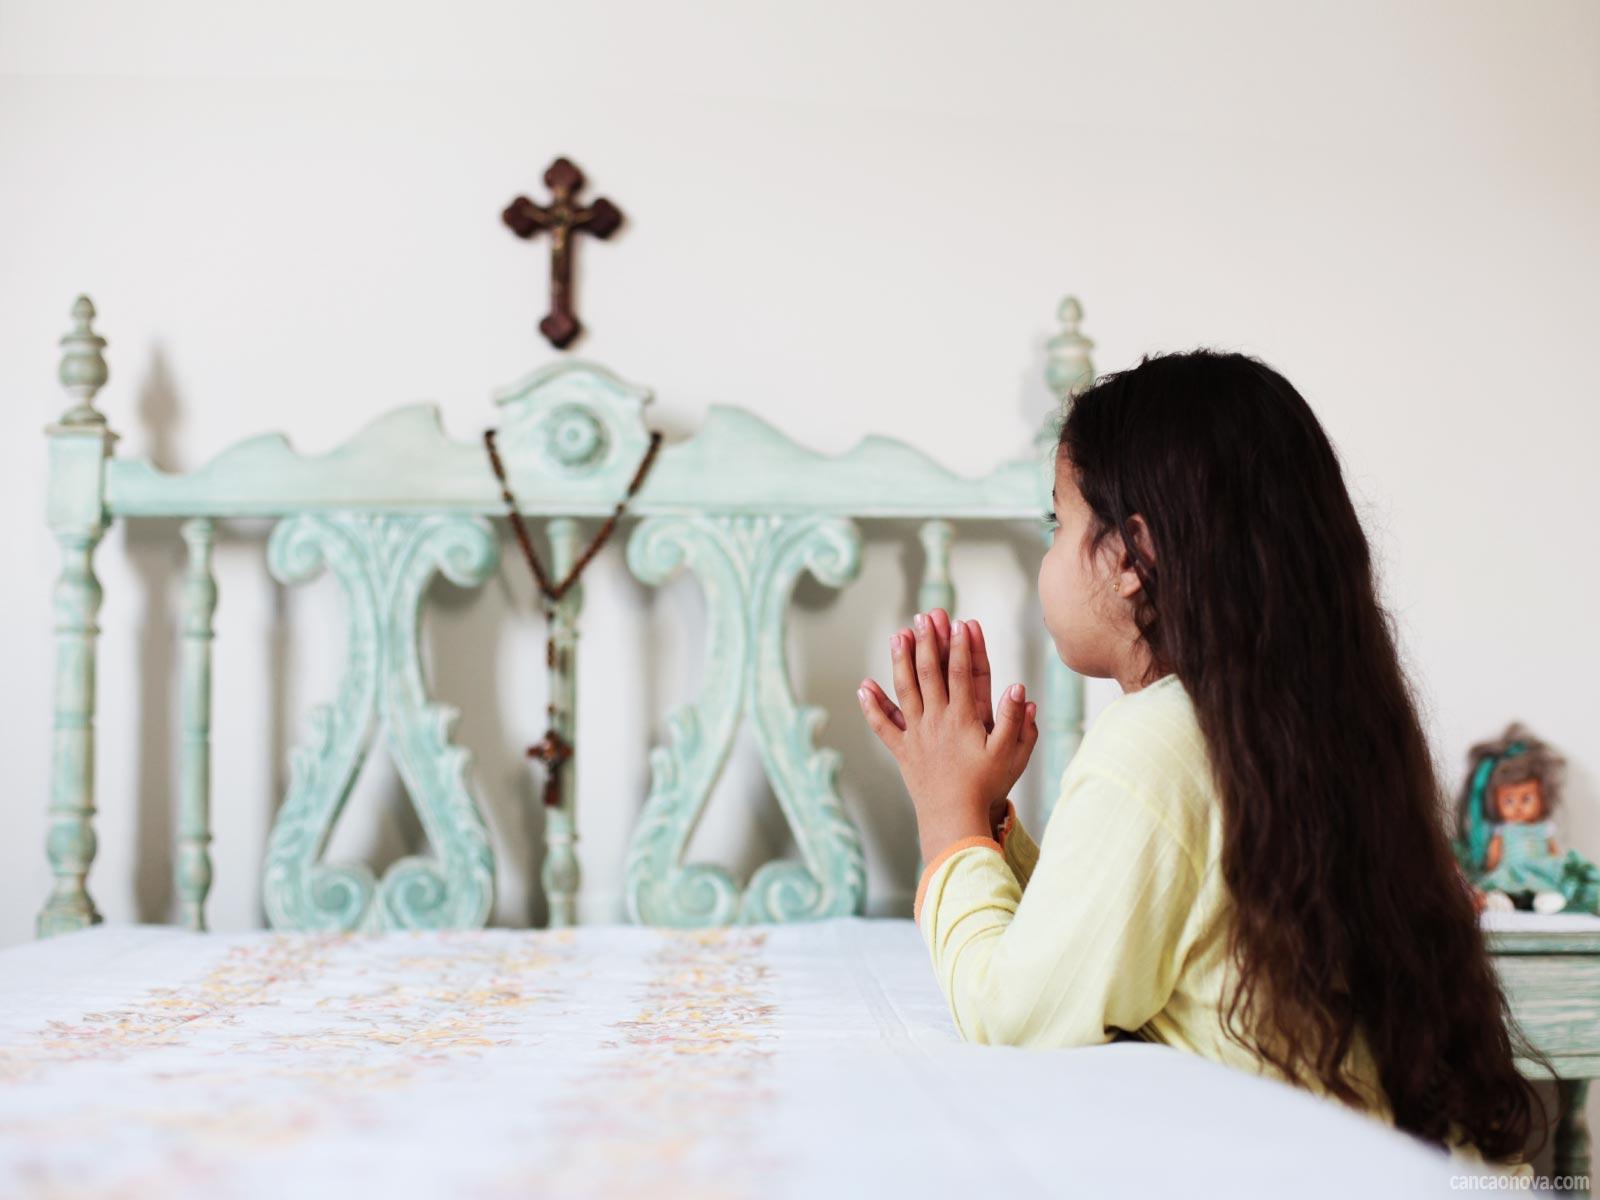 -As-crianças-também-podem-ser-portadoras-da-evangelização